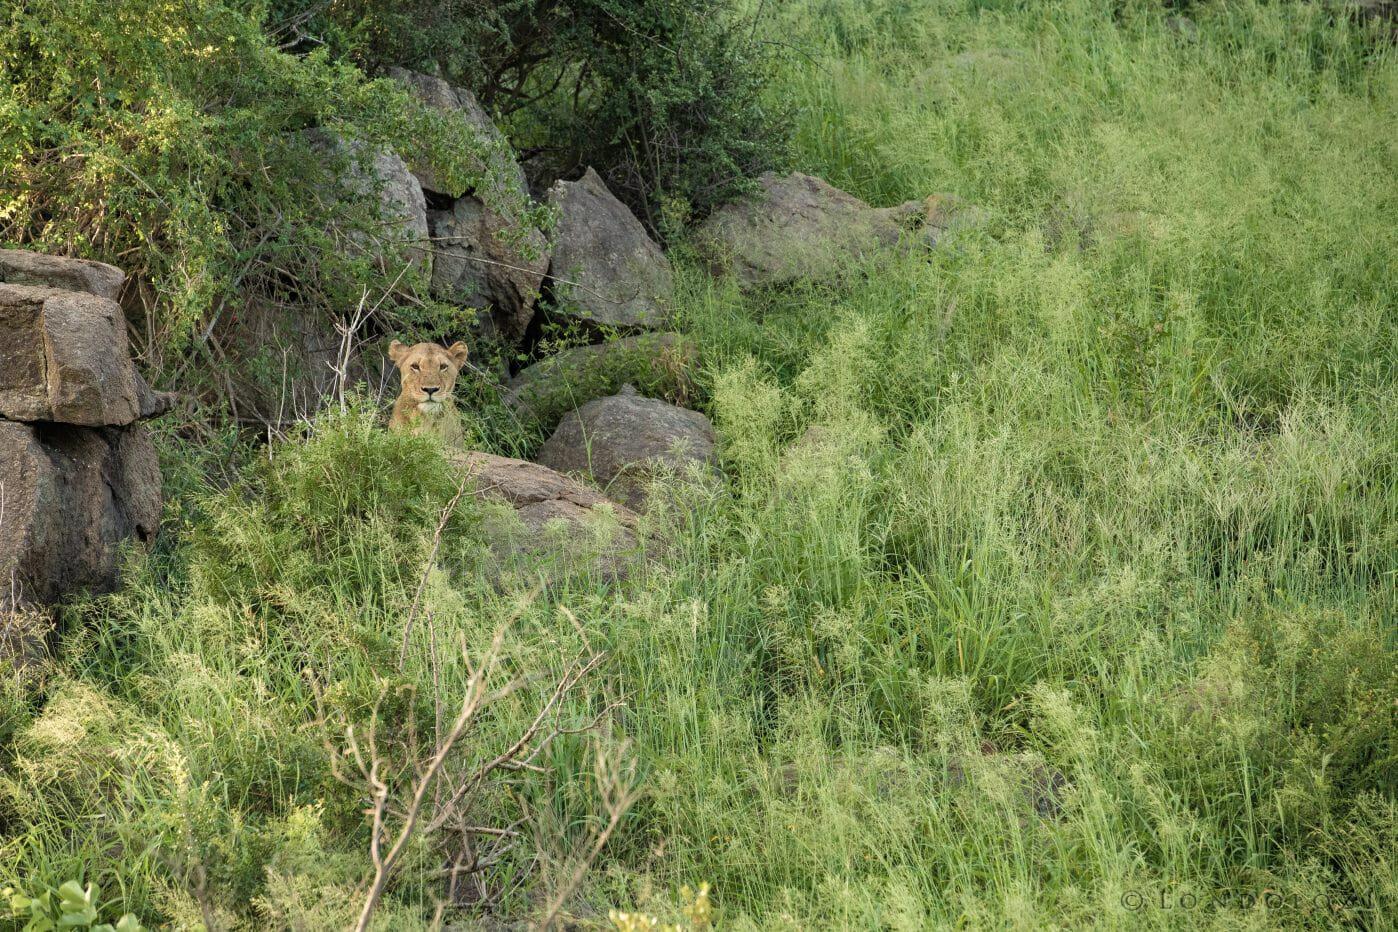 Tsalala Lioness Grass 2018